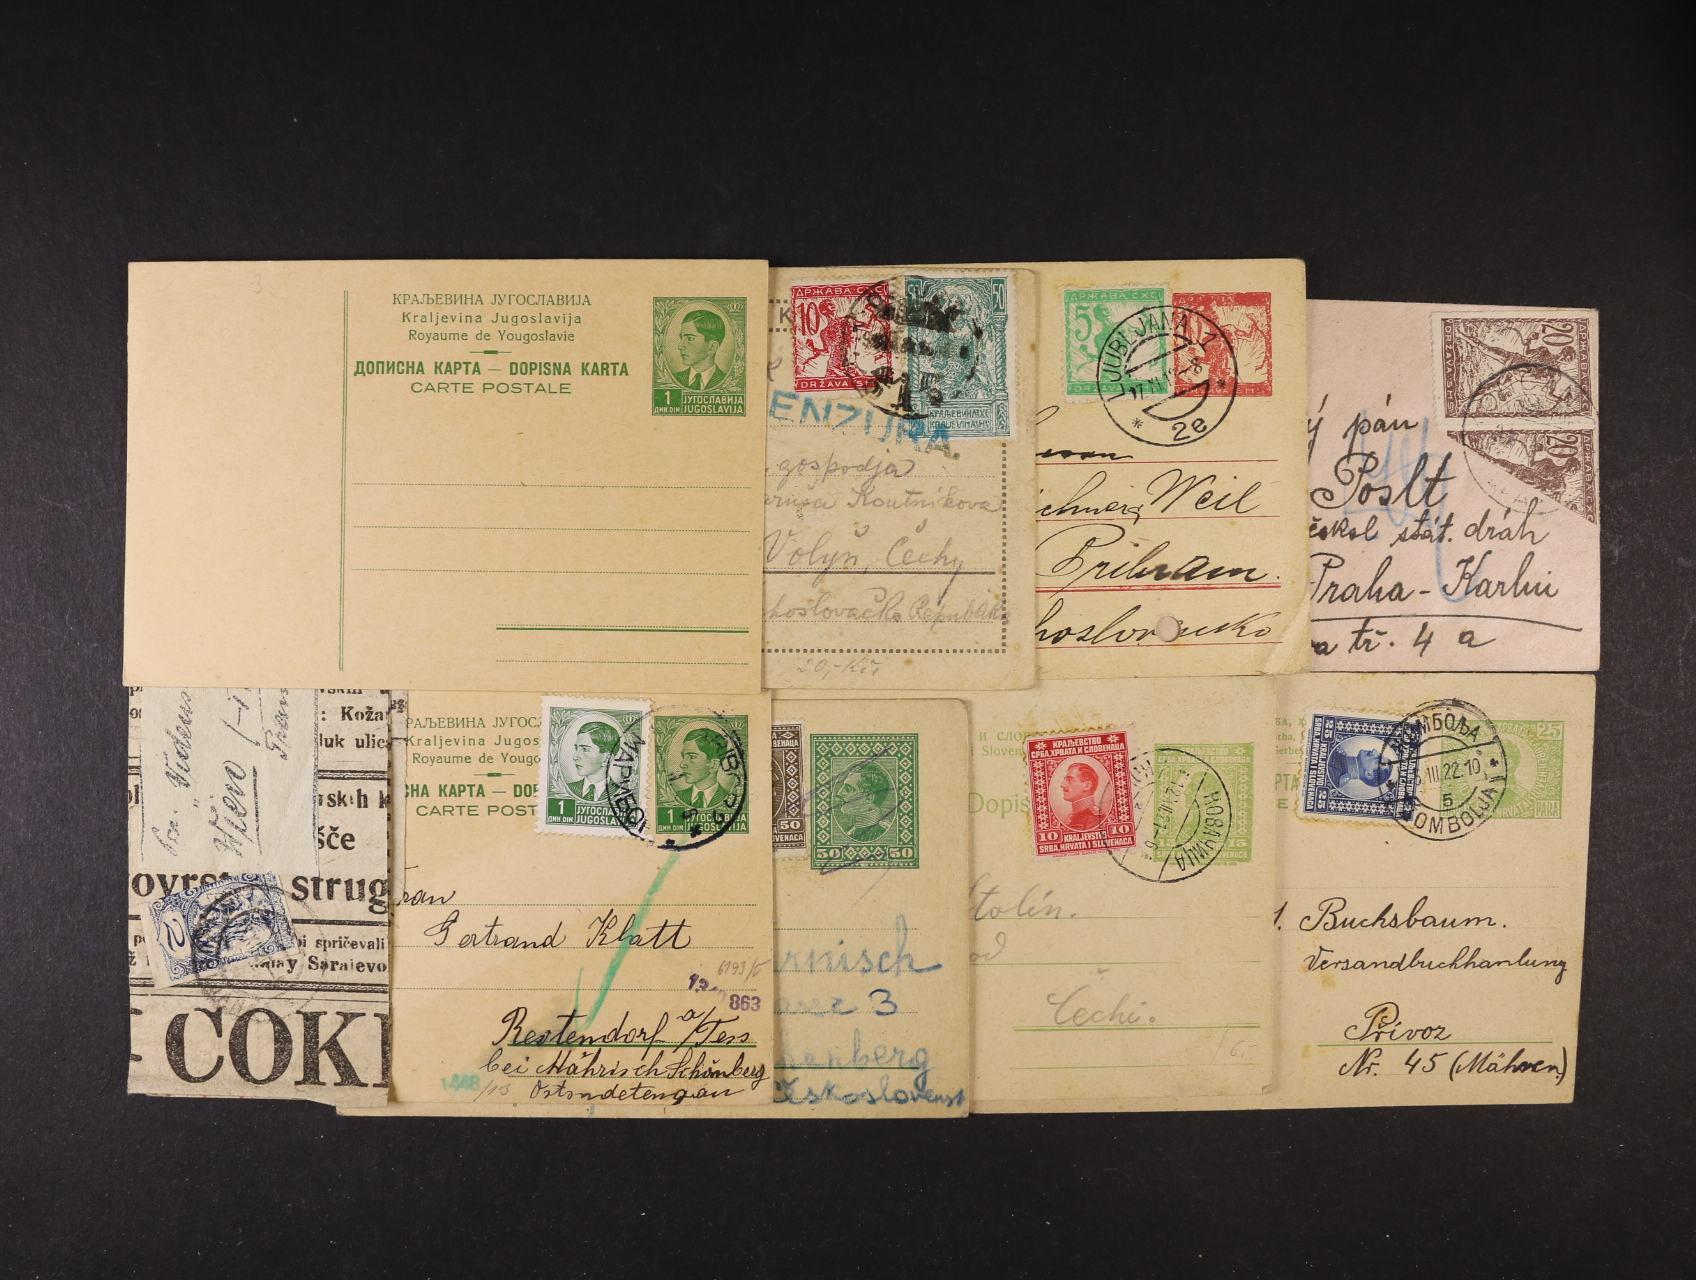 sestava 9 ks různých celin a celistvostí z let 1919 -28